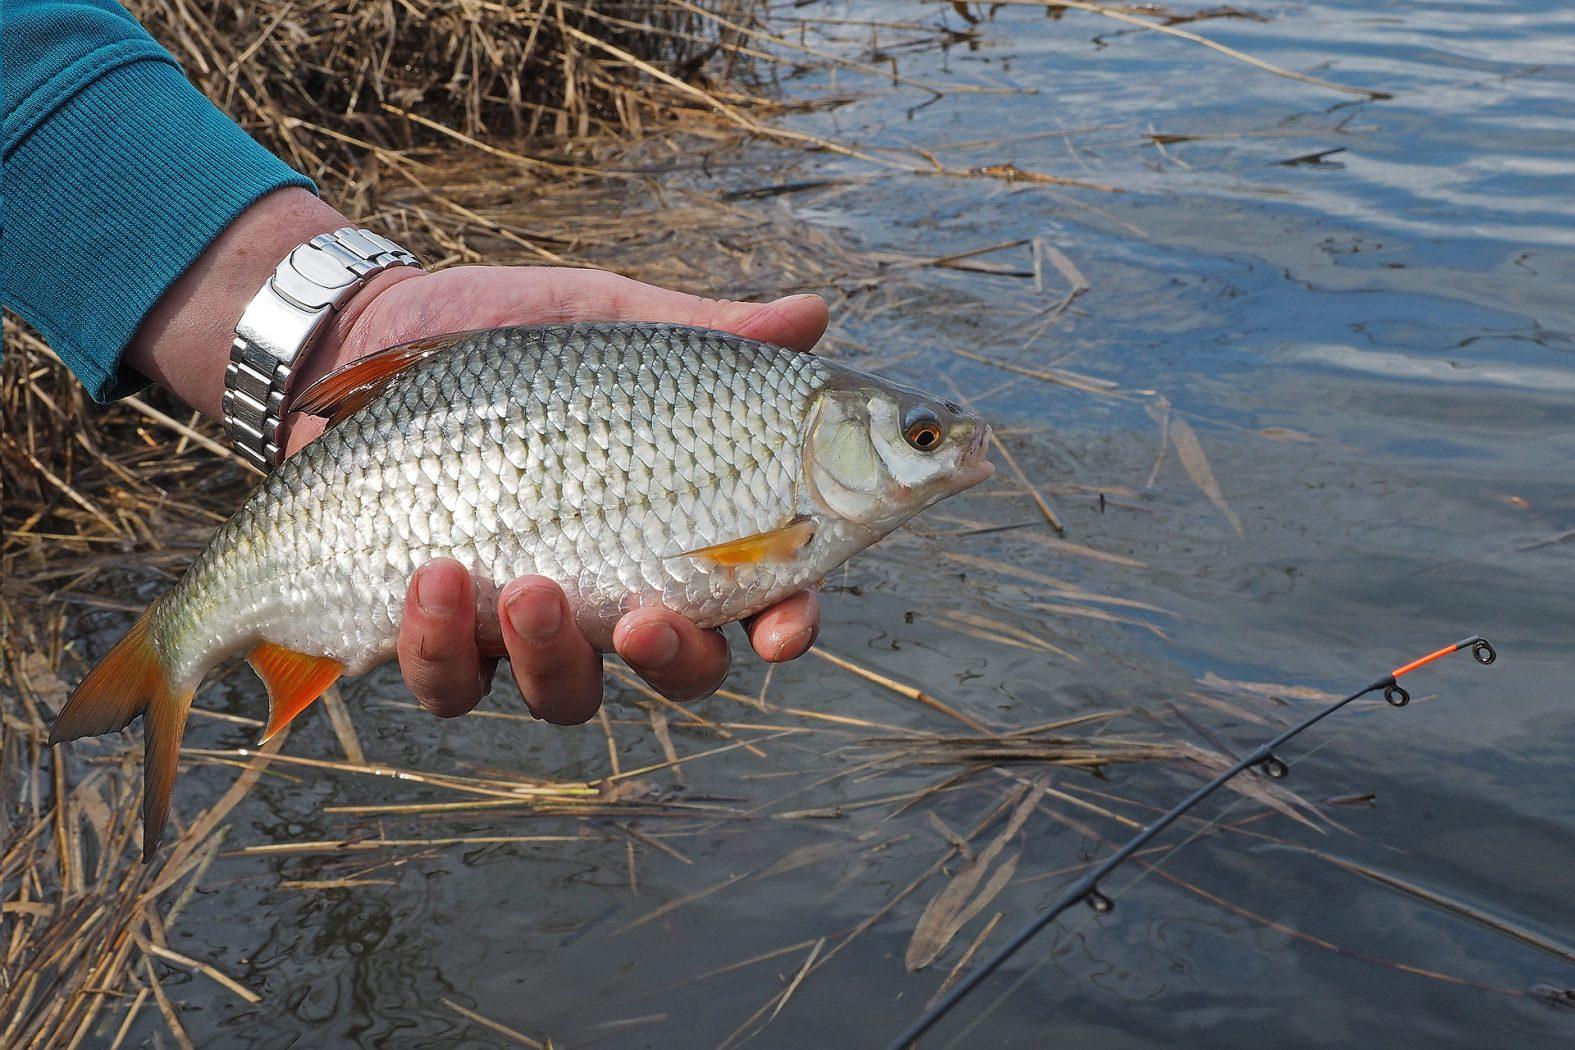 Rotaugen angeln mit Winkelpicker